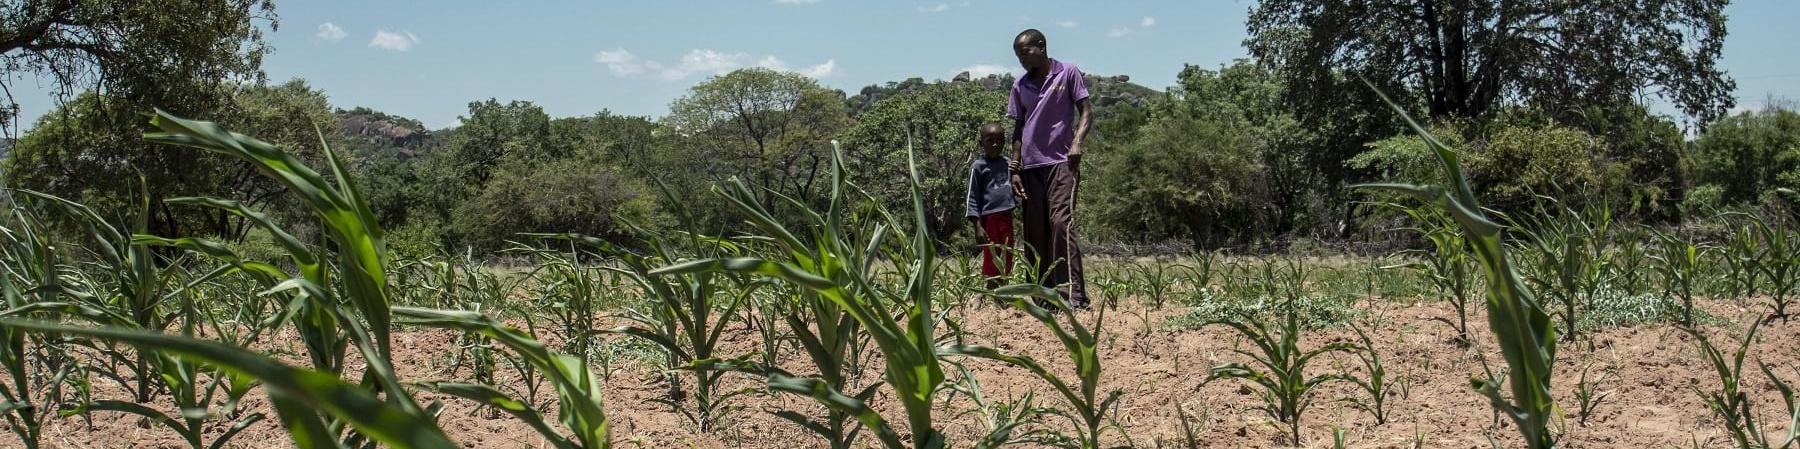 campo agricolo con piante in primo piano e sullo sfondo un uomo adulto e un bambino stanno in piedi vicini e guardano il campo